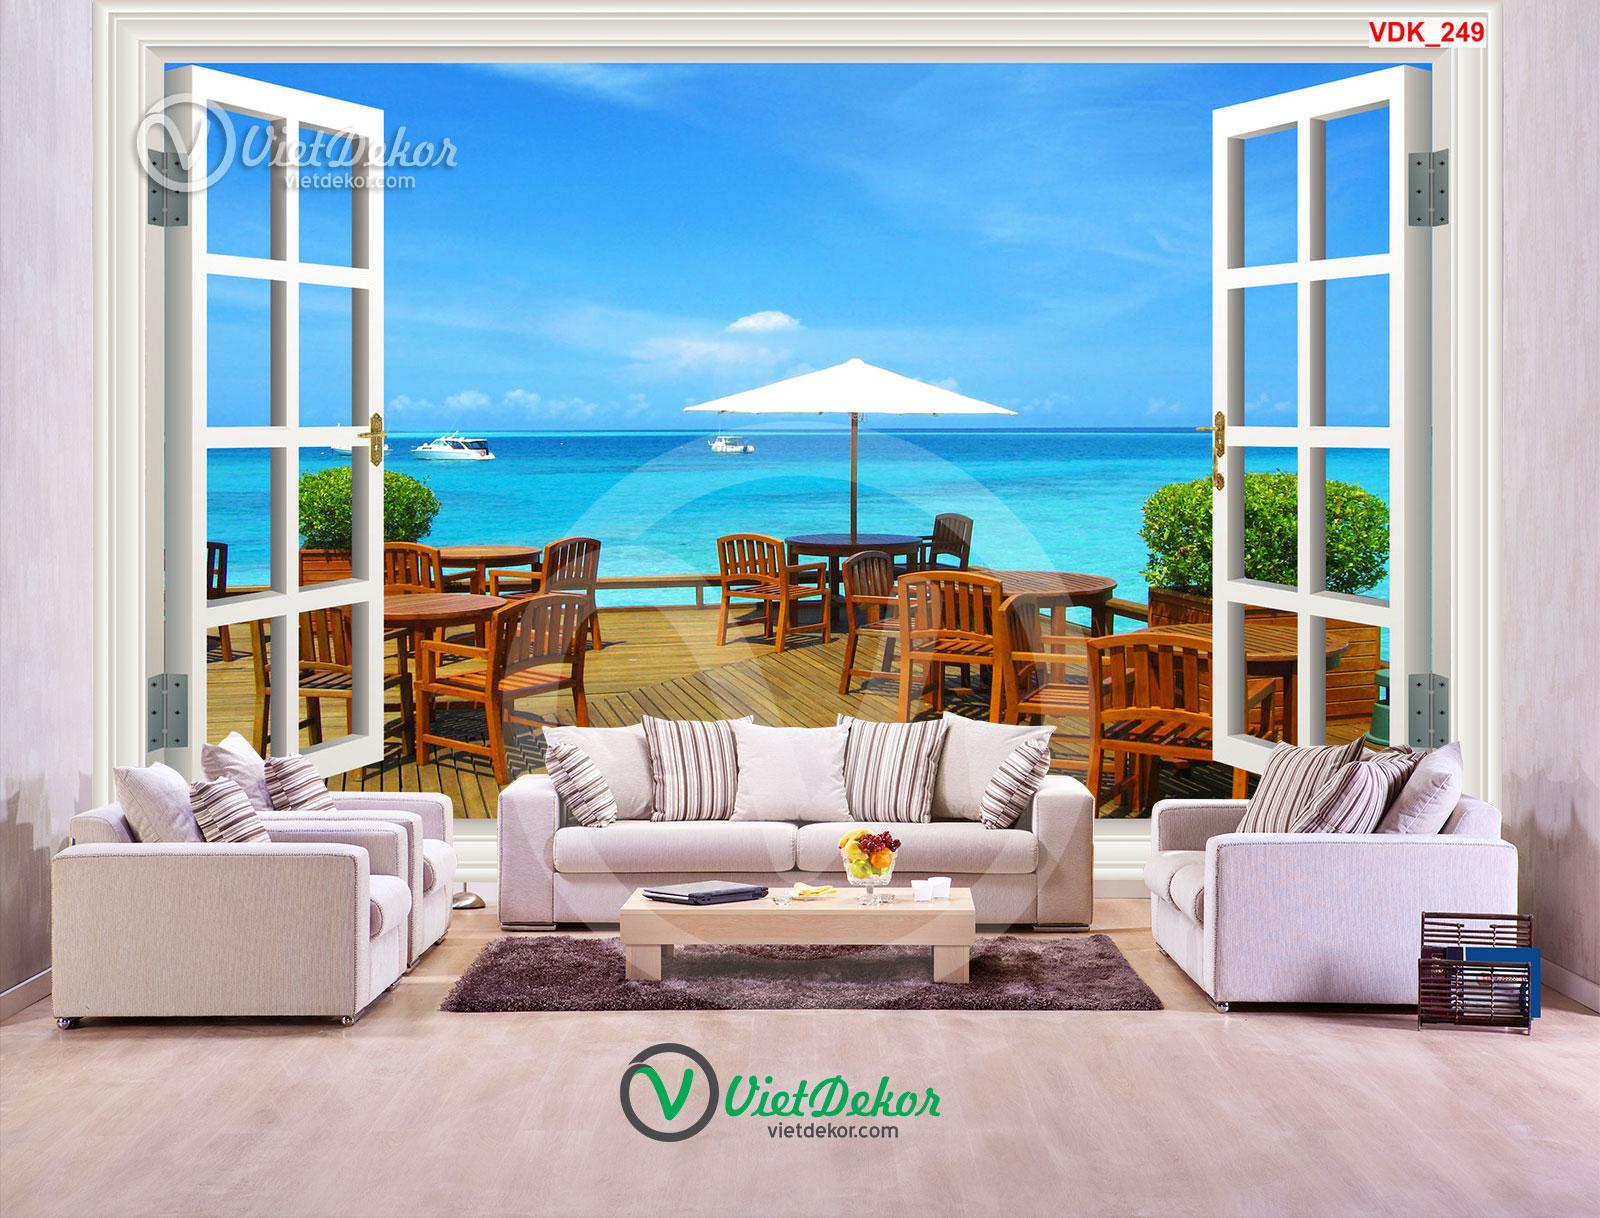 Tranh 3d dán tường cửa phòng khách đẹp